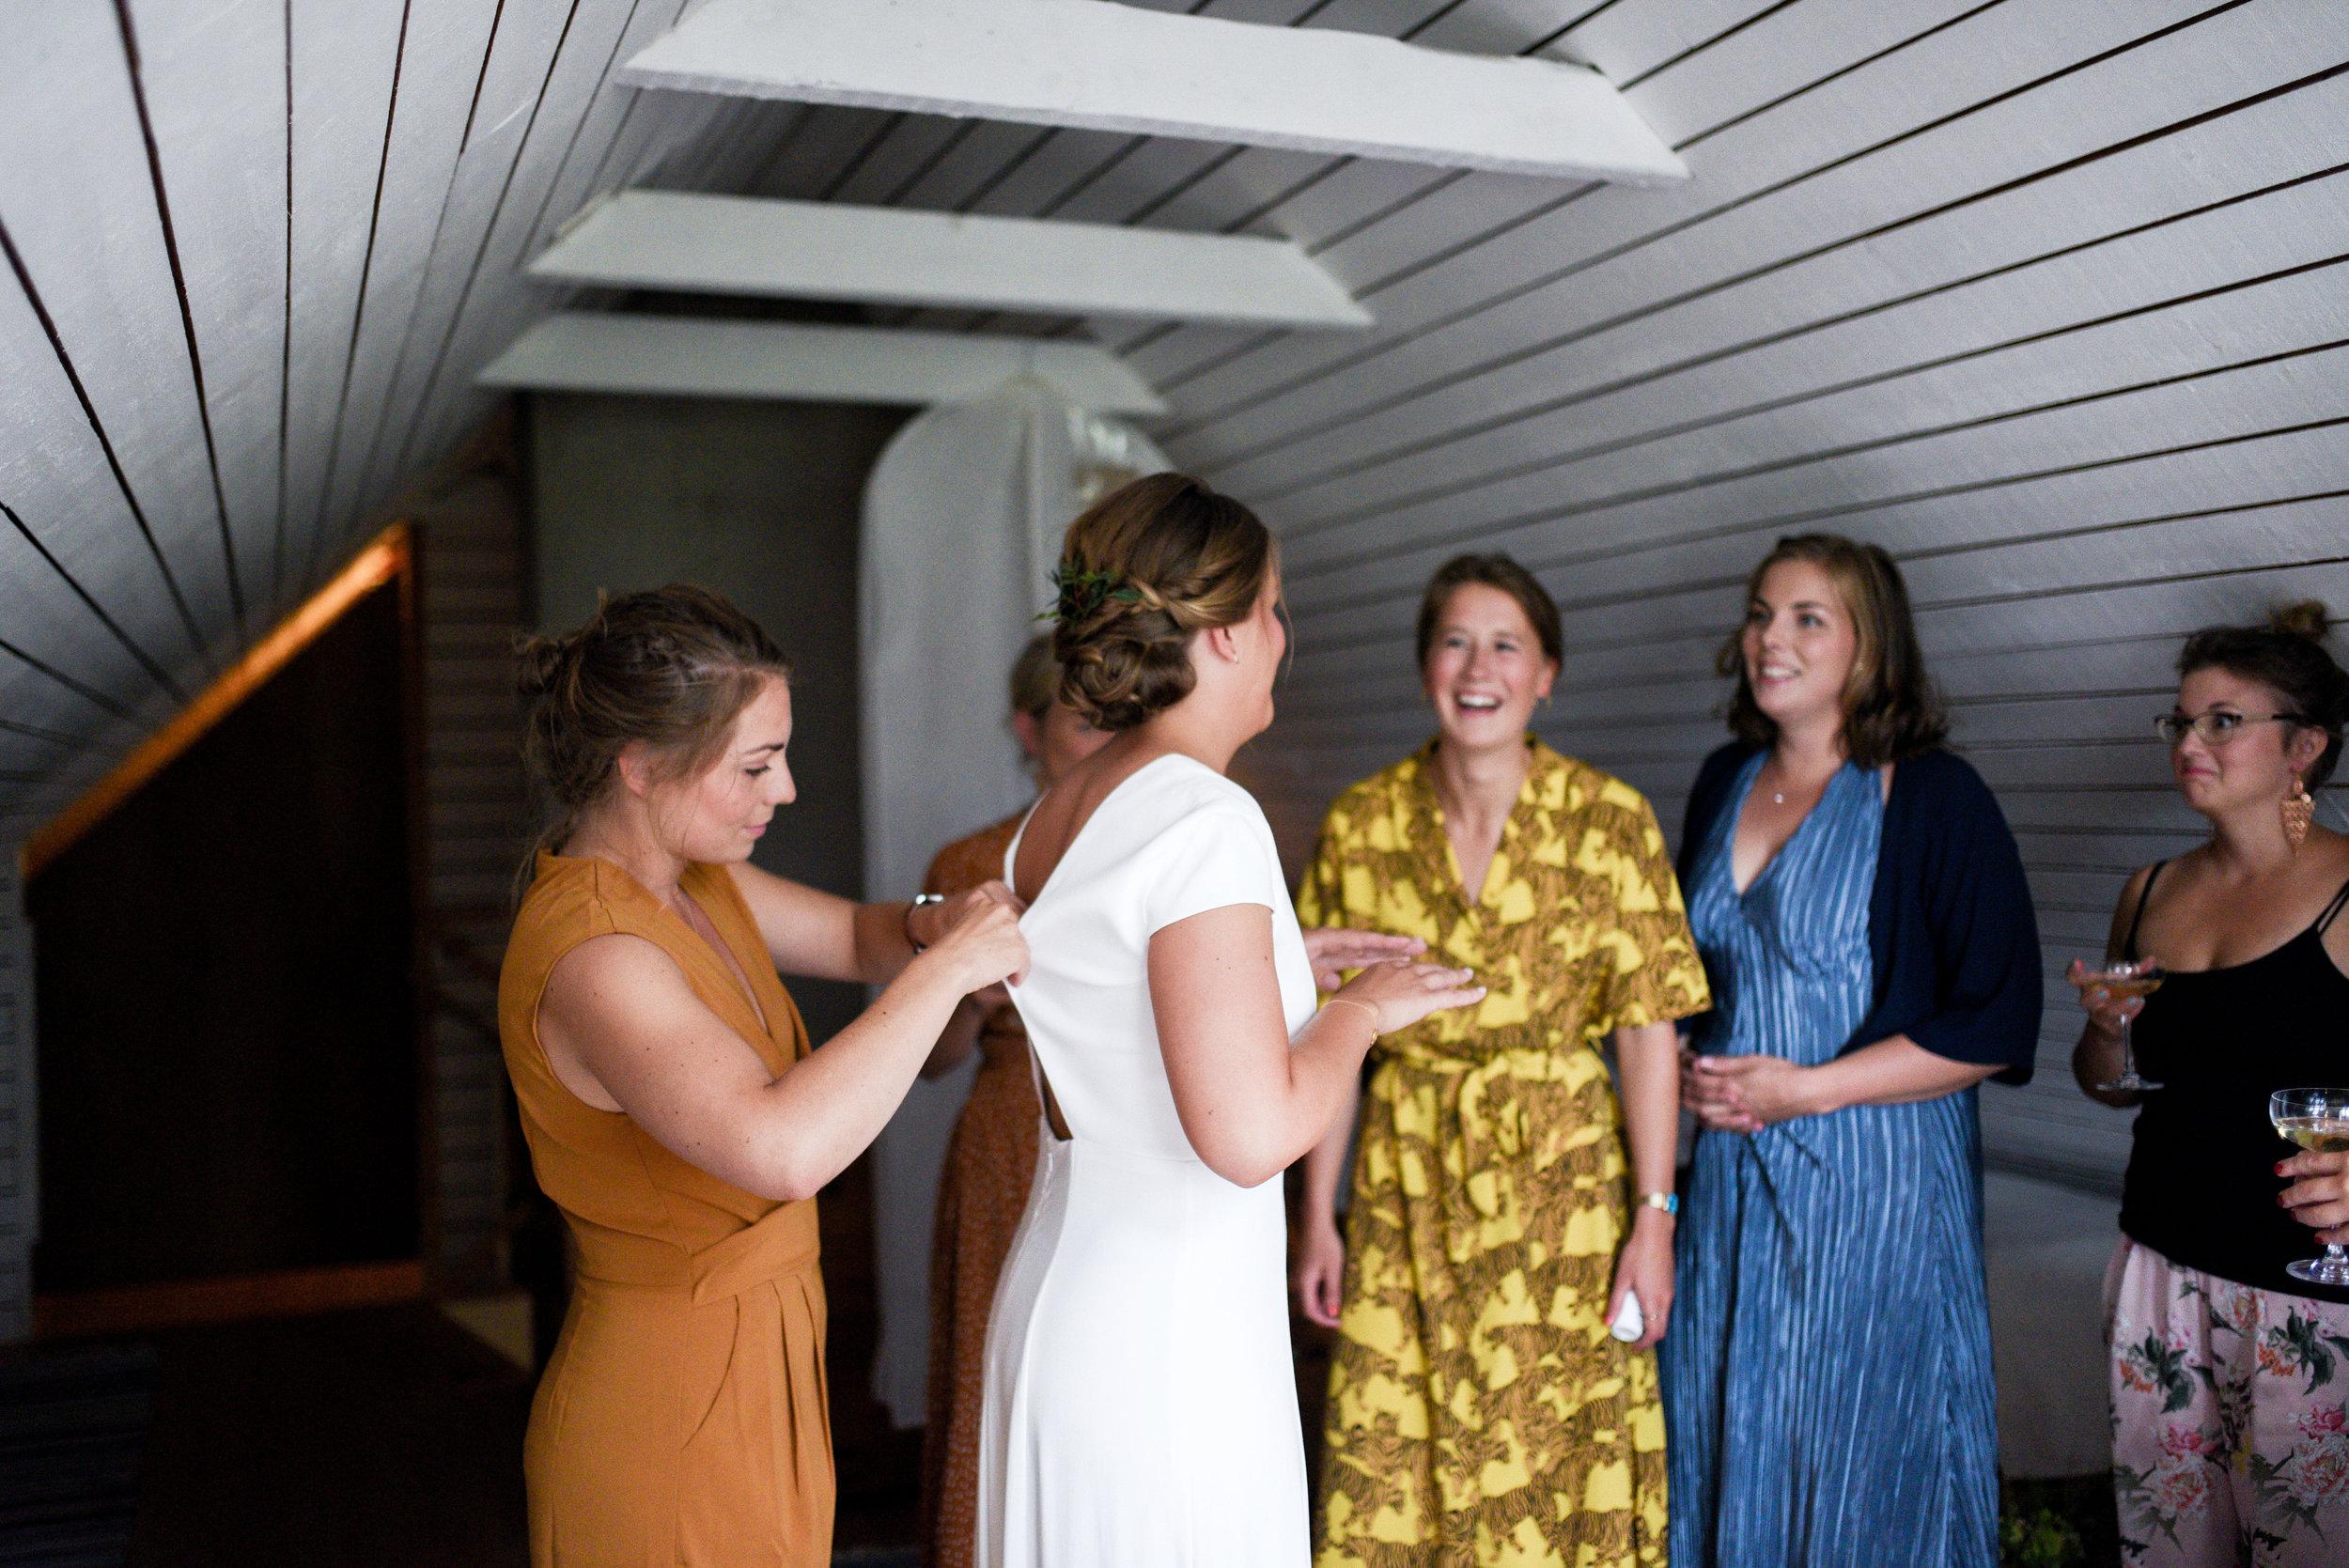 HJ_Bröllop2019_Bästa_Bilderna_Lågkvall-6888.jpg